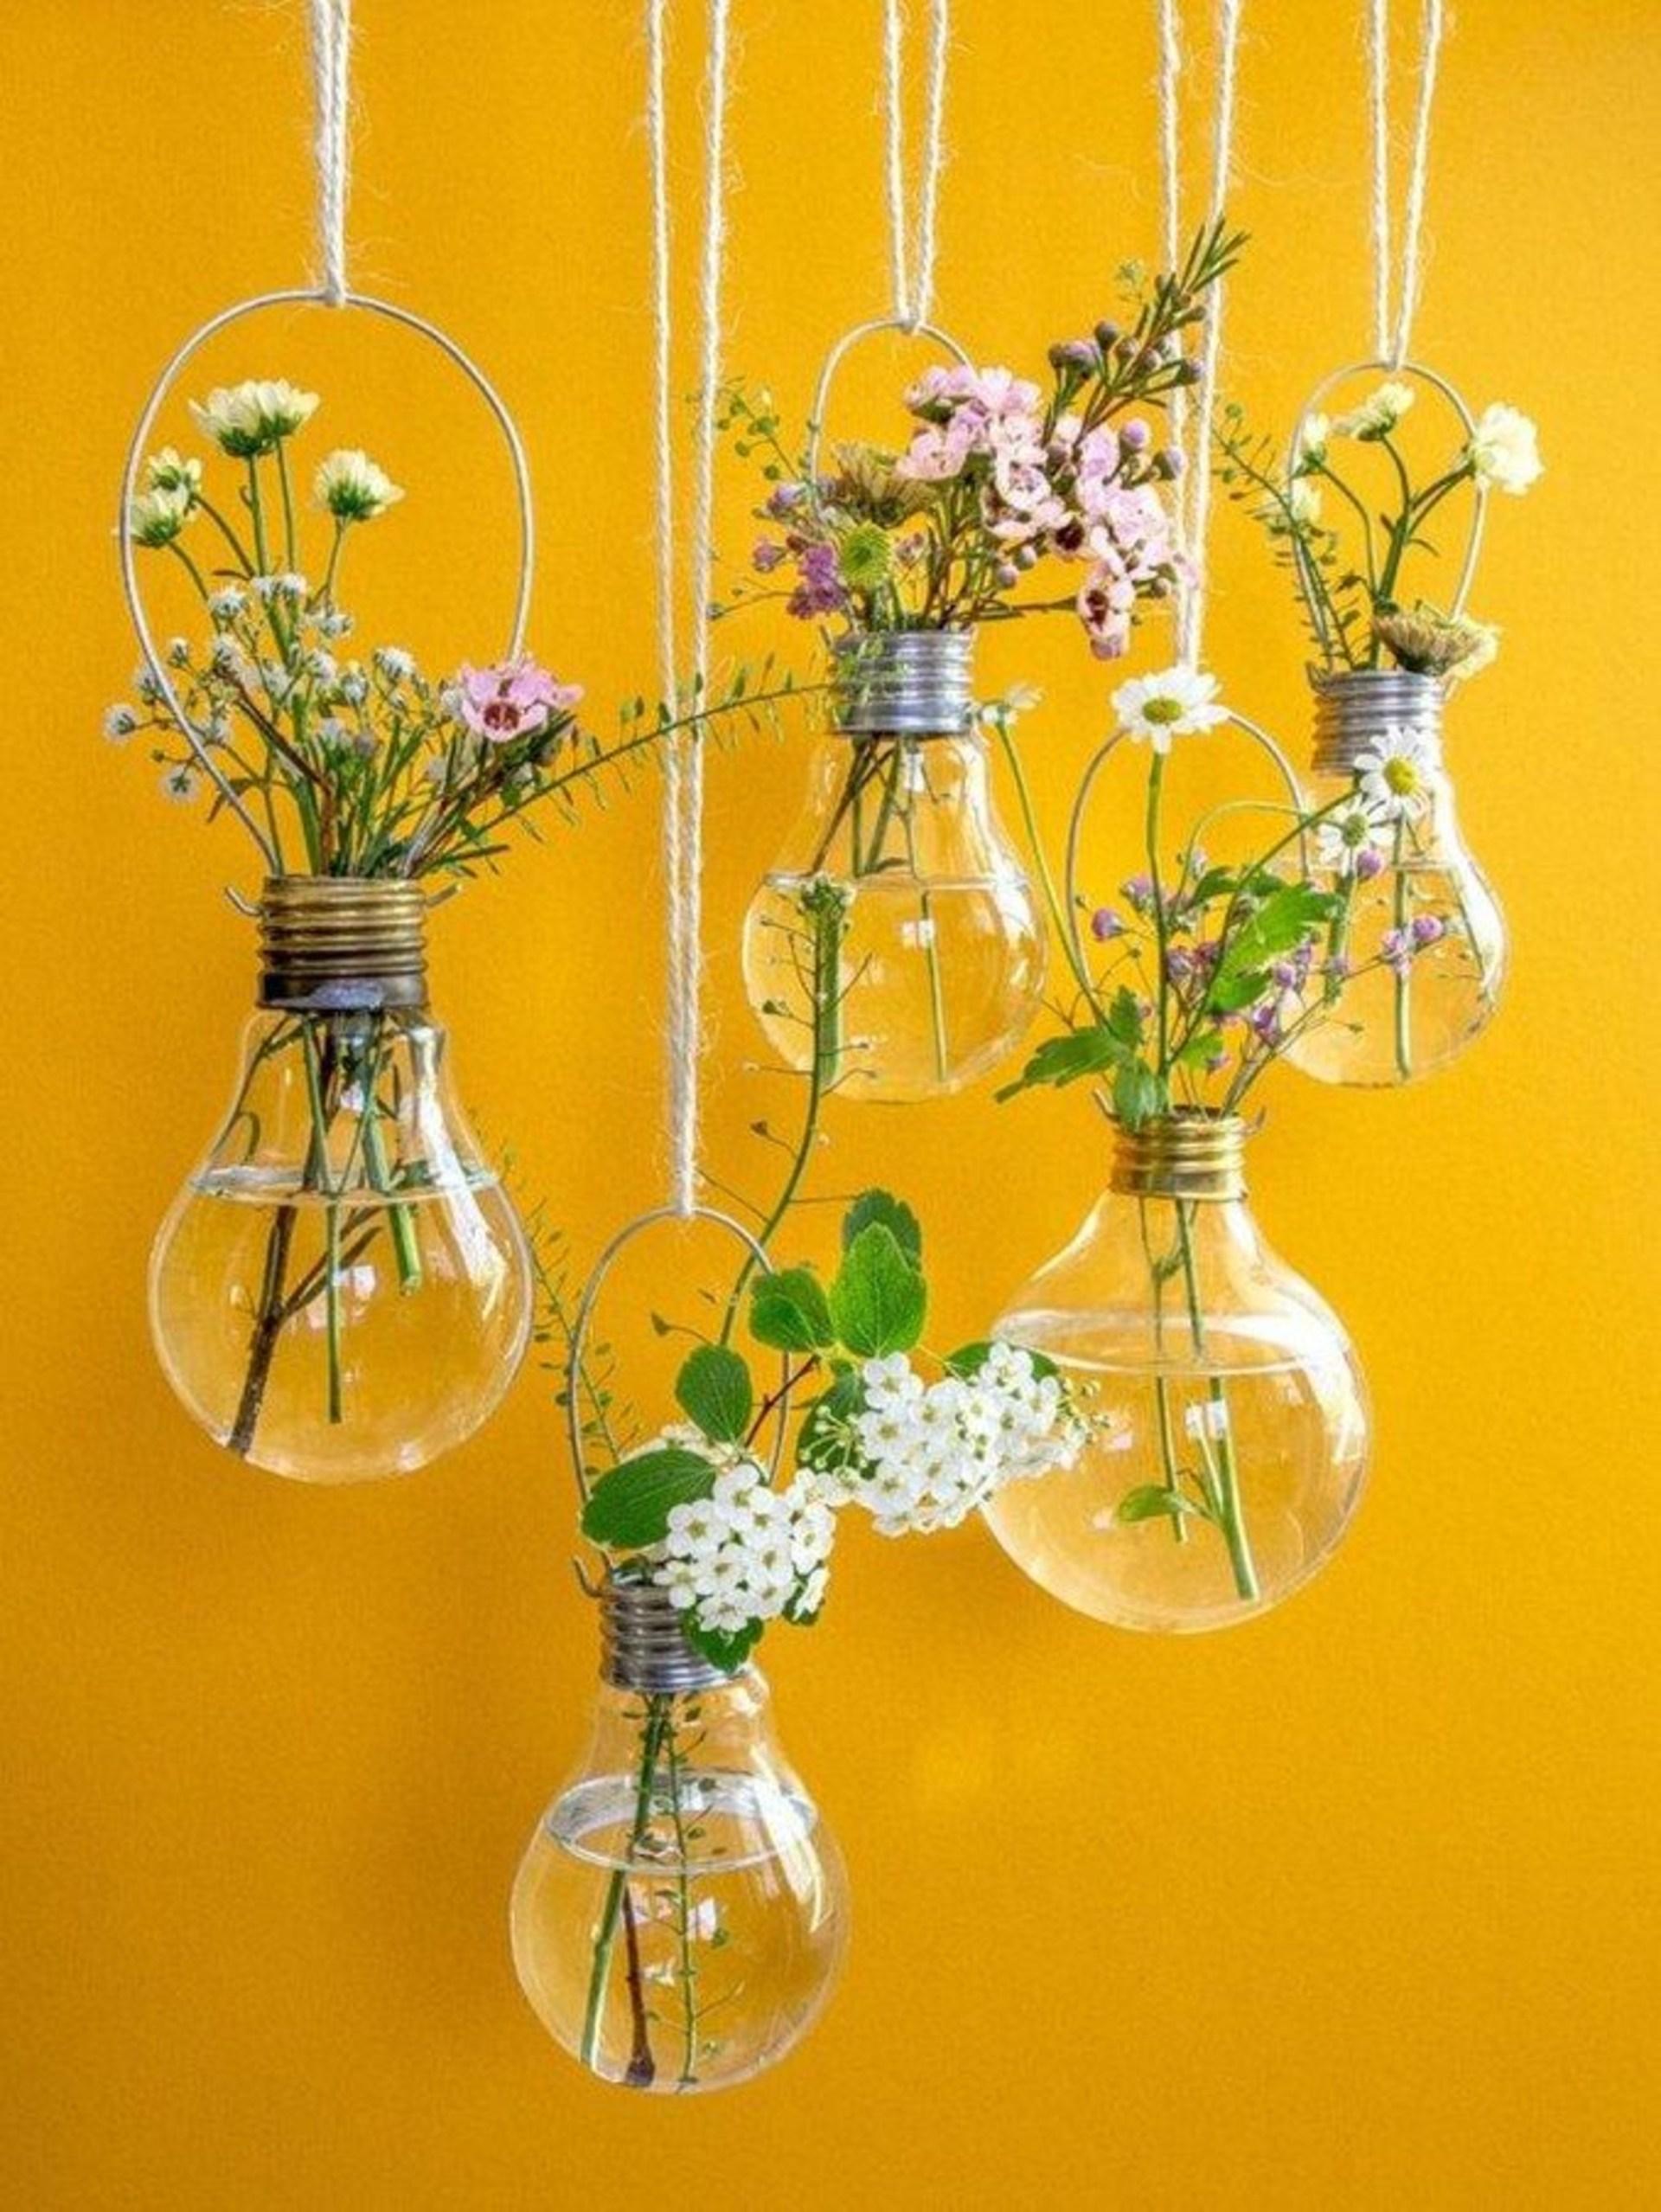 Цветочный декор в подвесных стеклянных сосудах